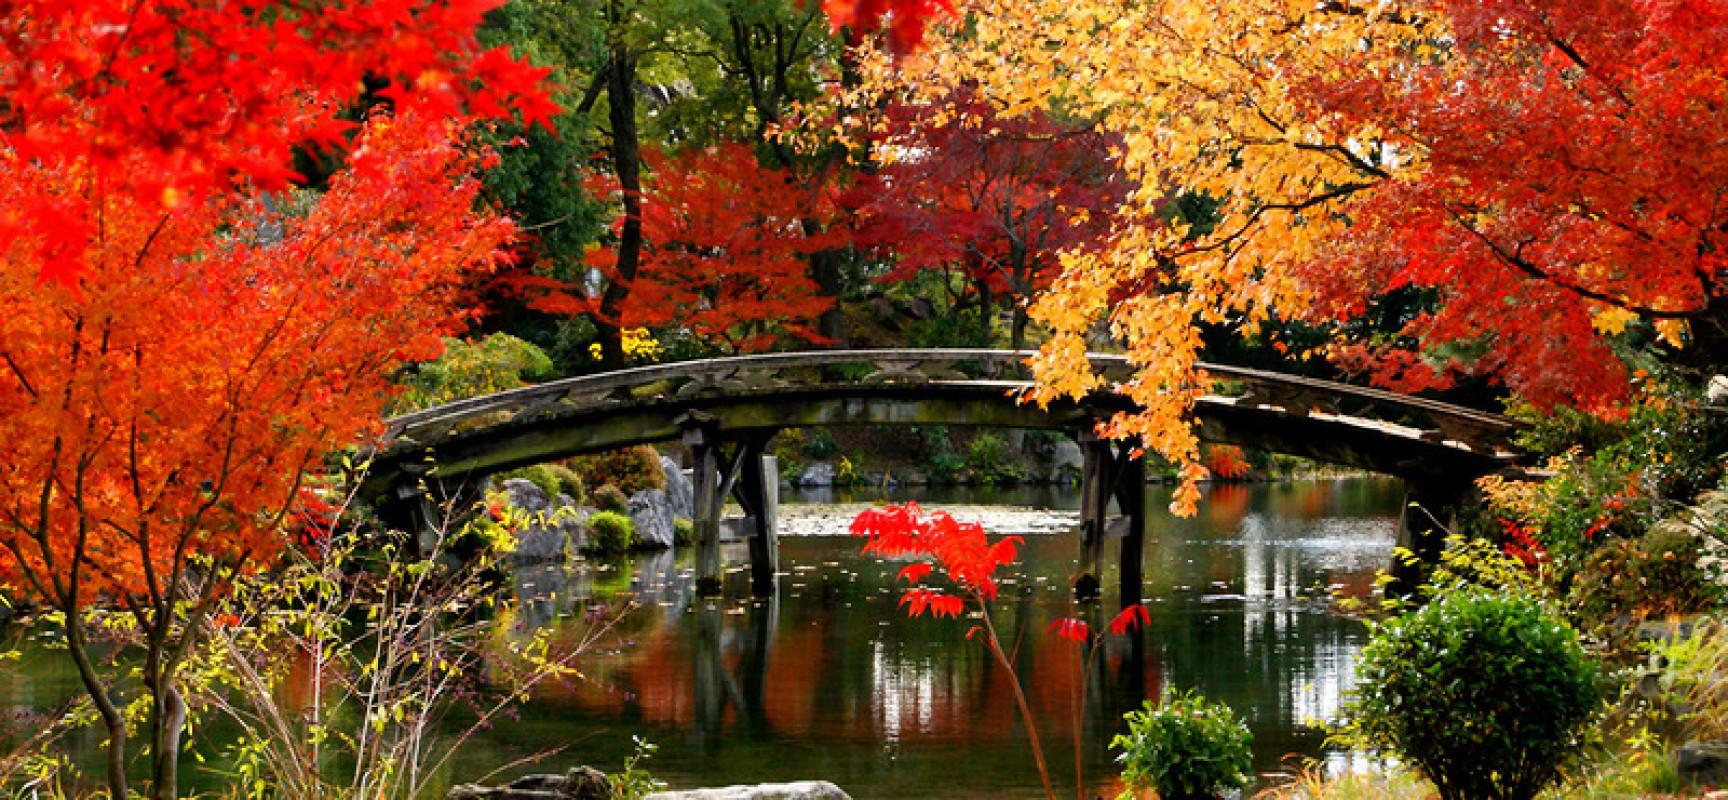 Cảnh tượng đẹp đến nao lòng, Du lịch mùa thu để xem lá đổi màu là nguồn lợi chính của du lịch Nhật Bản